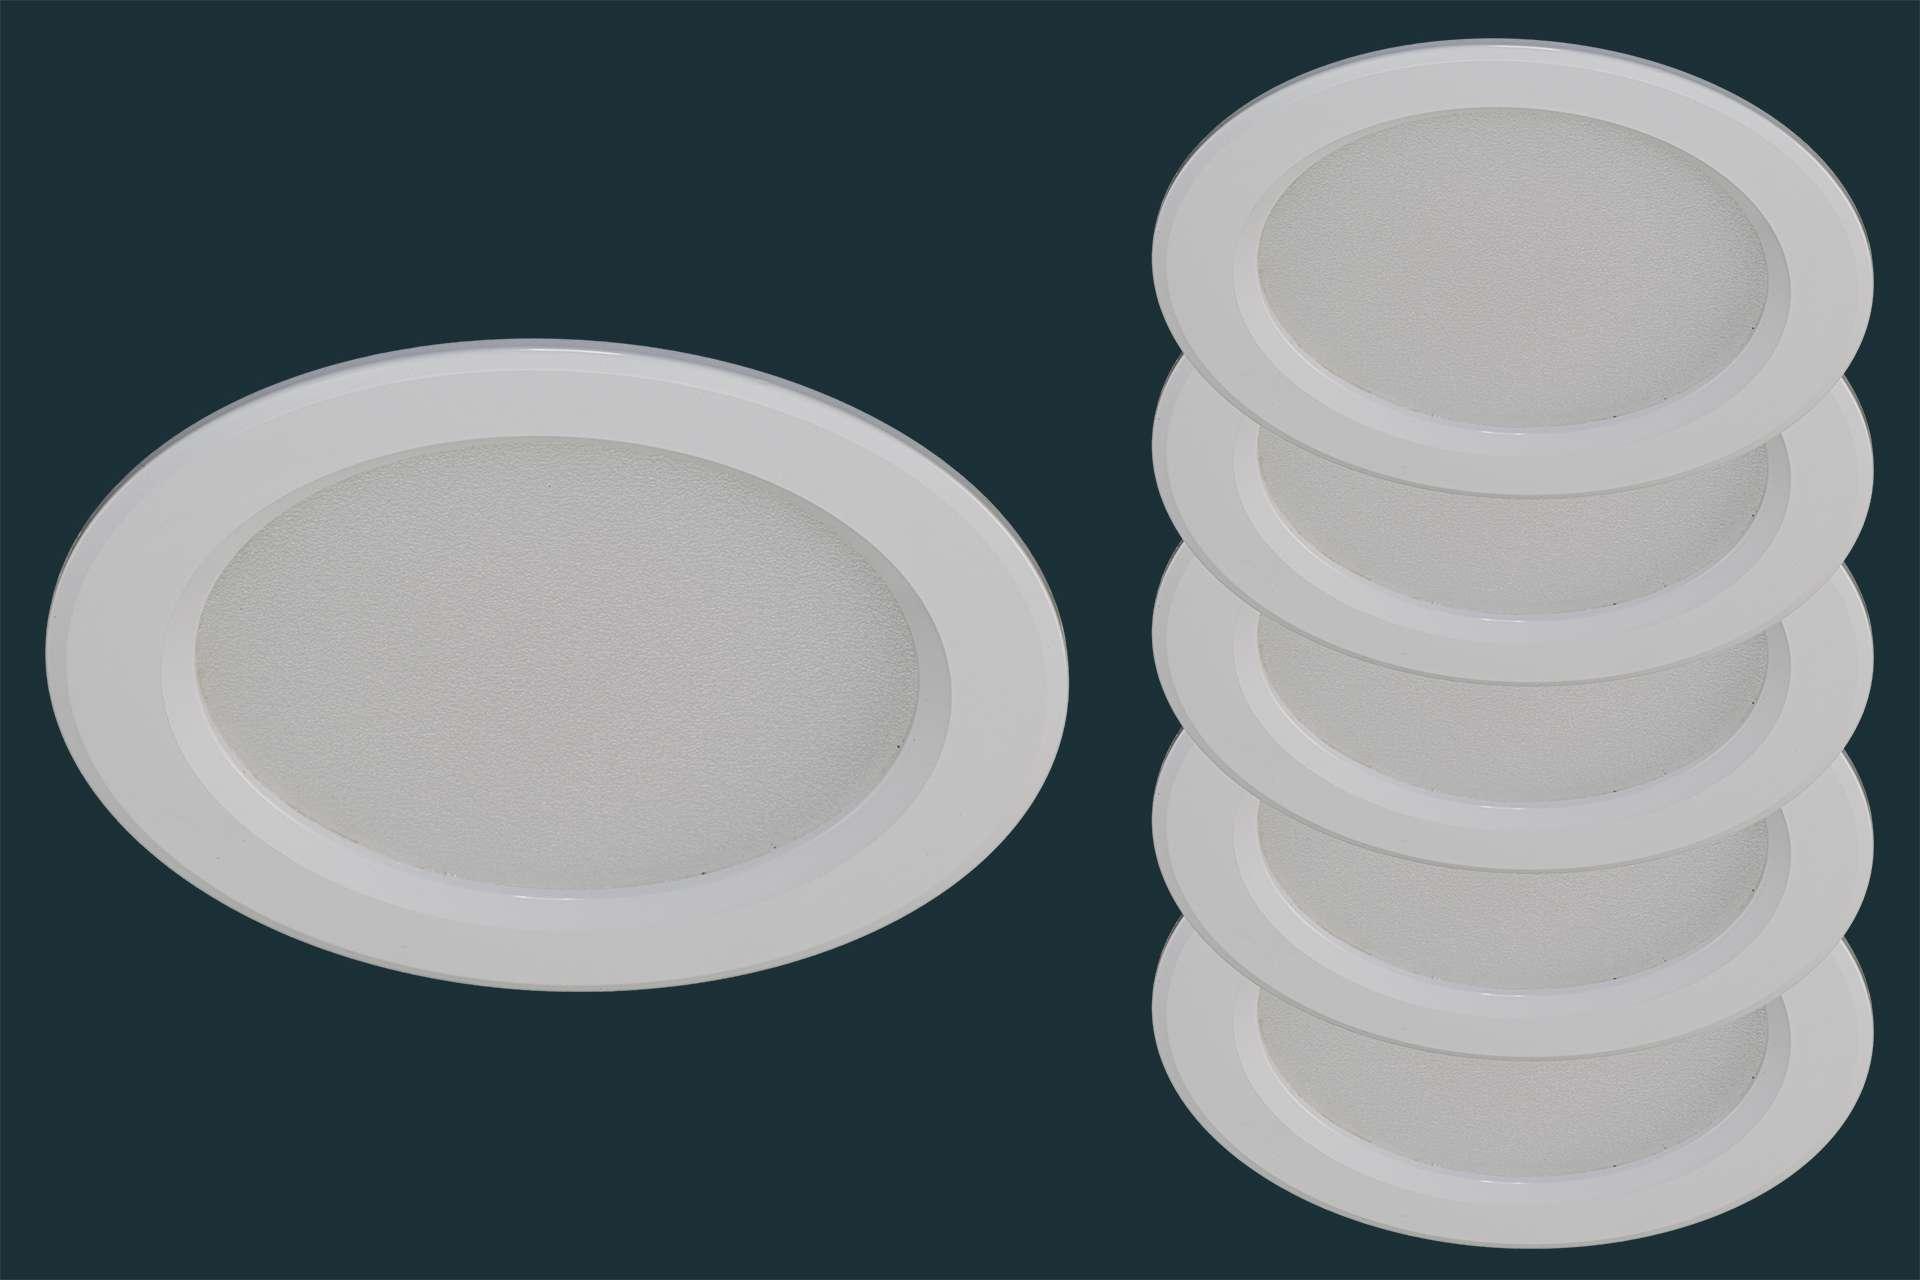 5er-set-led-einbauleuchte-IP44-flach-weiss-01-rev2_1280x1280@2x Elegantes Led Einbauleuchten 230v Dimmbar Dekorationen